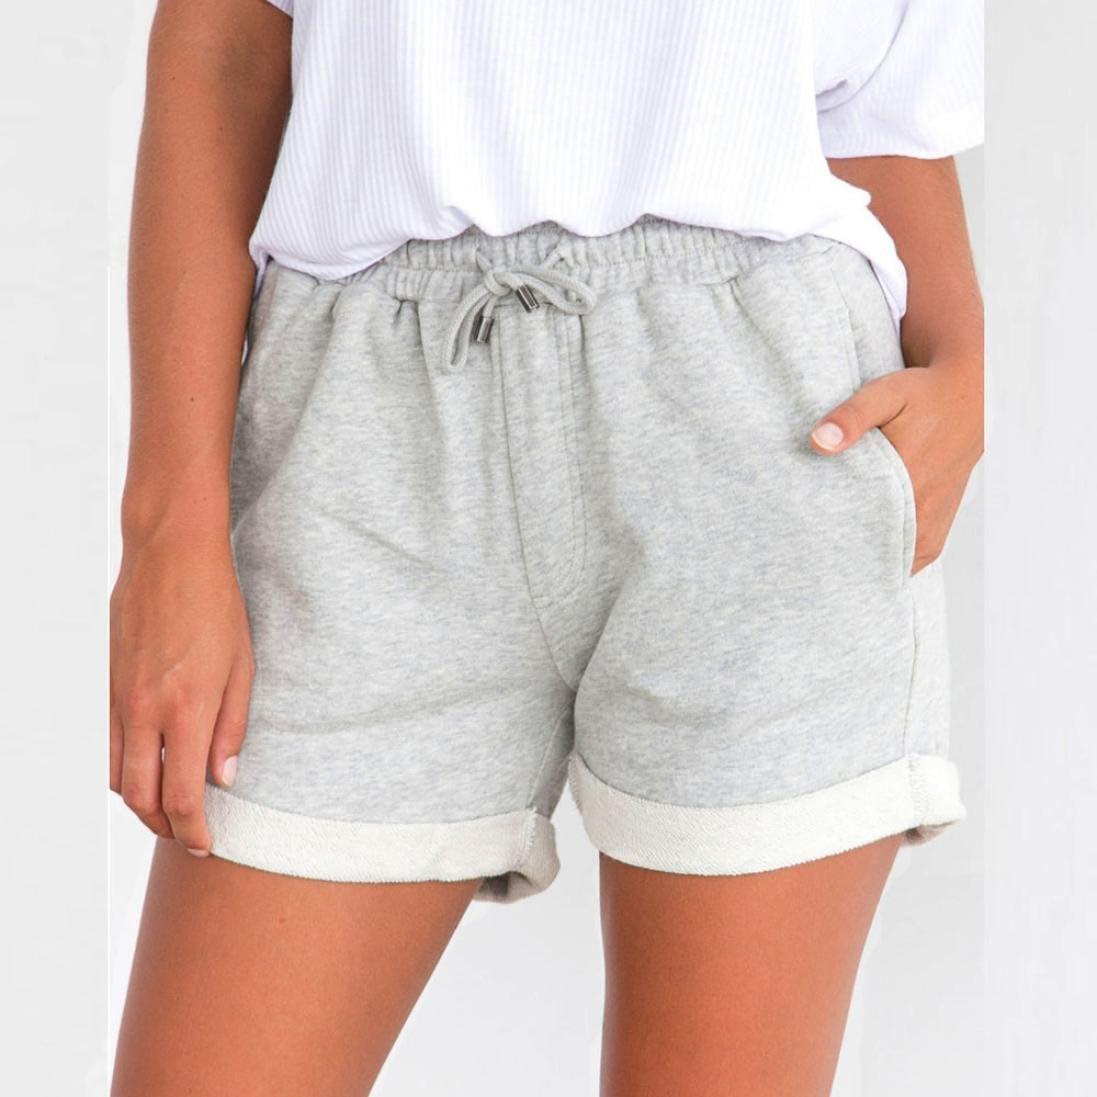 Unterw/äsche f/ür Frauen mit leichtem Figur formenden Effekt Crimpen Strand Kurze Hose Hot Pants XL, Grau Ba Zha Hei Yoga Hosen Damen Funktions-Sport Hot Pants Hipster: Bequeme Hotpants